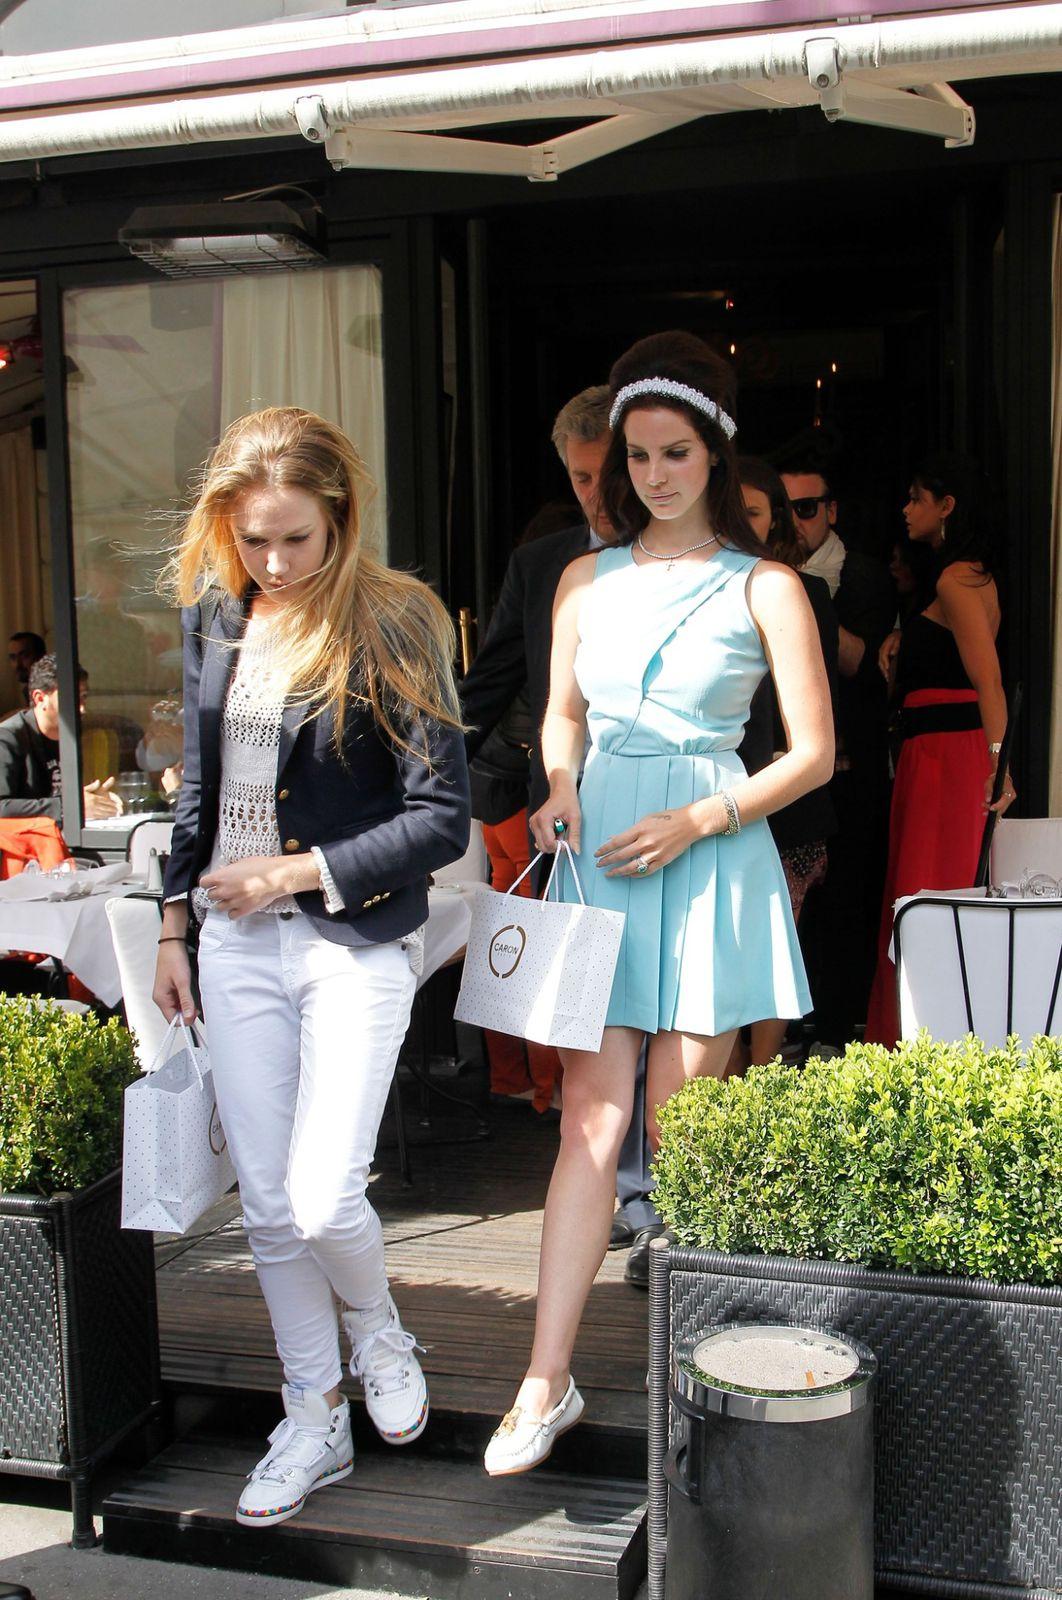 Dior + Paris shopping (02 juillet) - Shopping + gare (03 juillet)